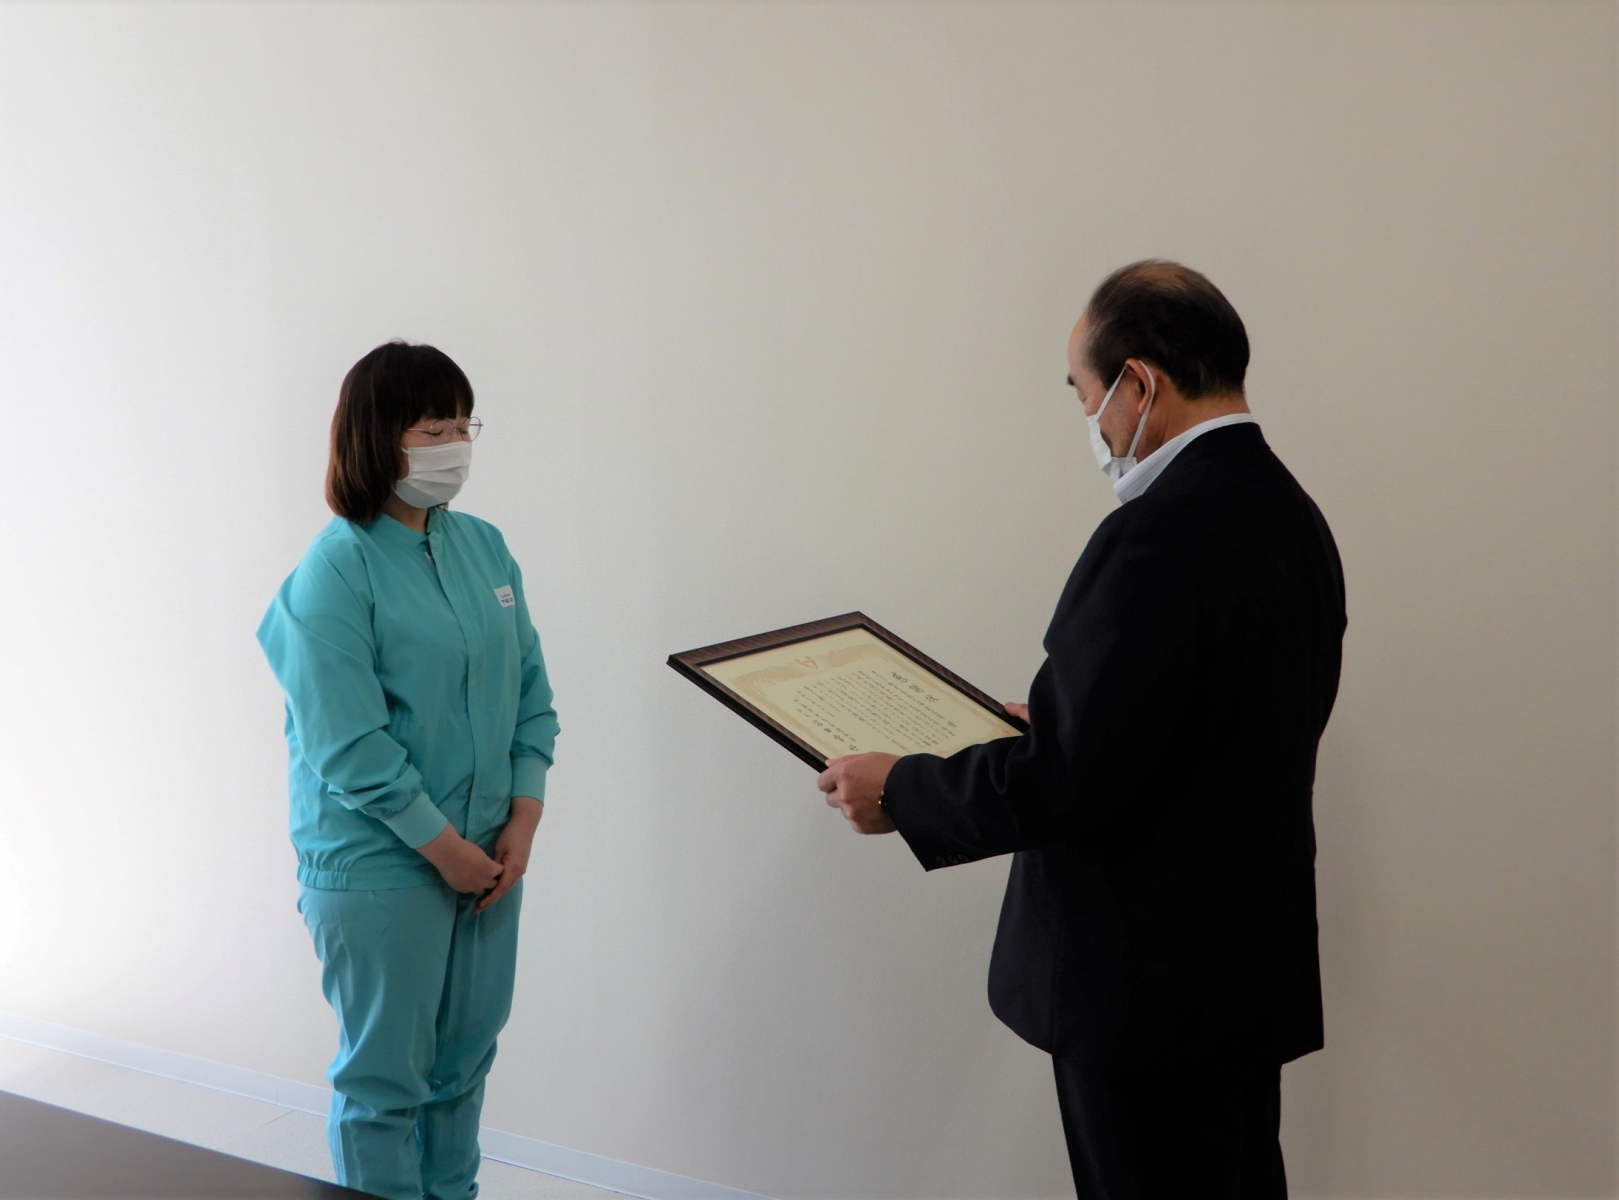 カルビー㈱北海道工場様に感謝状を贈呈しました。